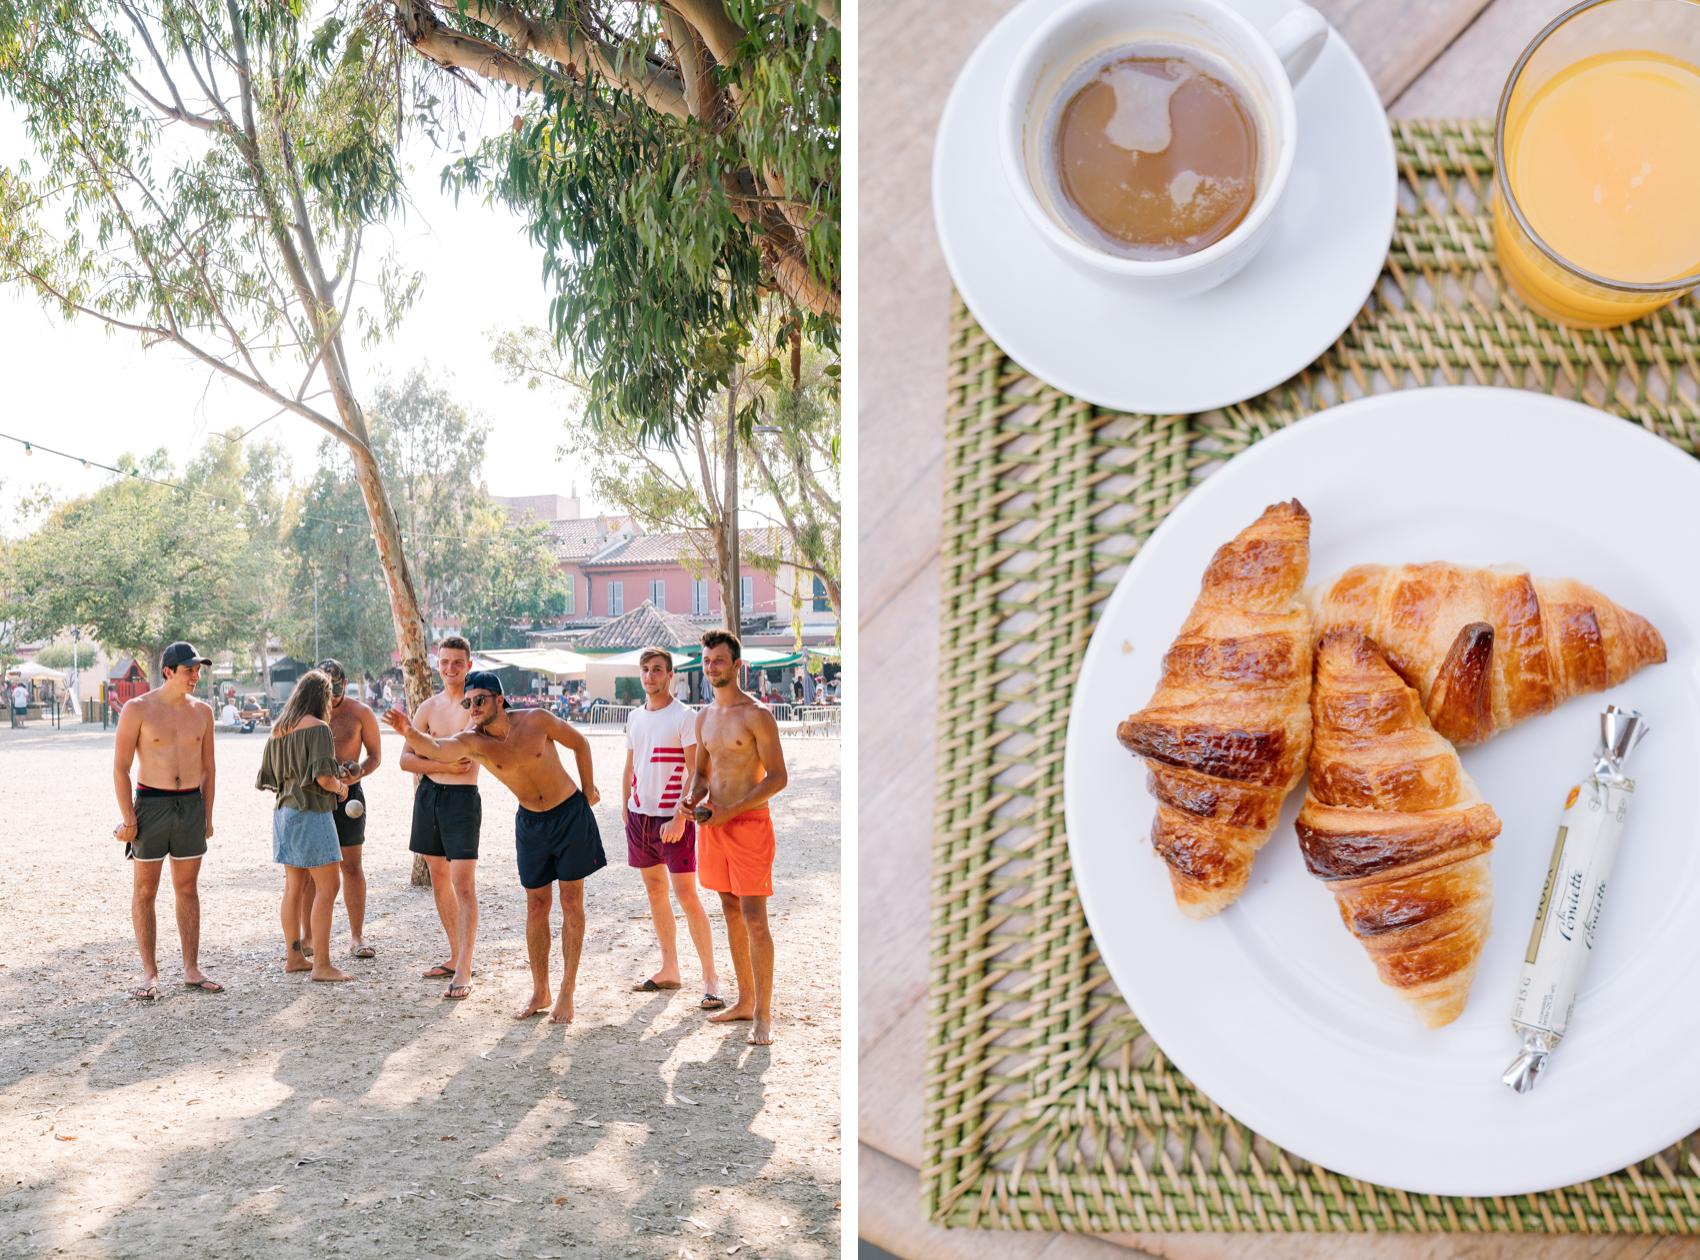 TRAVEL-Photography-provence-food-Porquerolles-Clara-Tuma.jpg